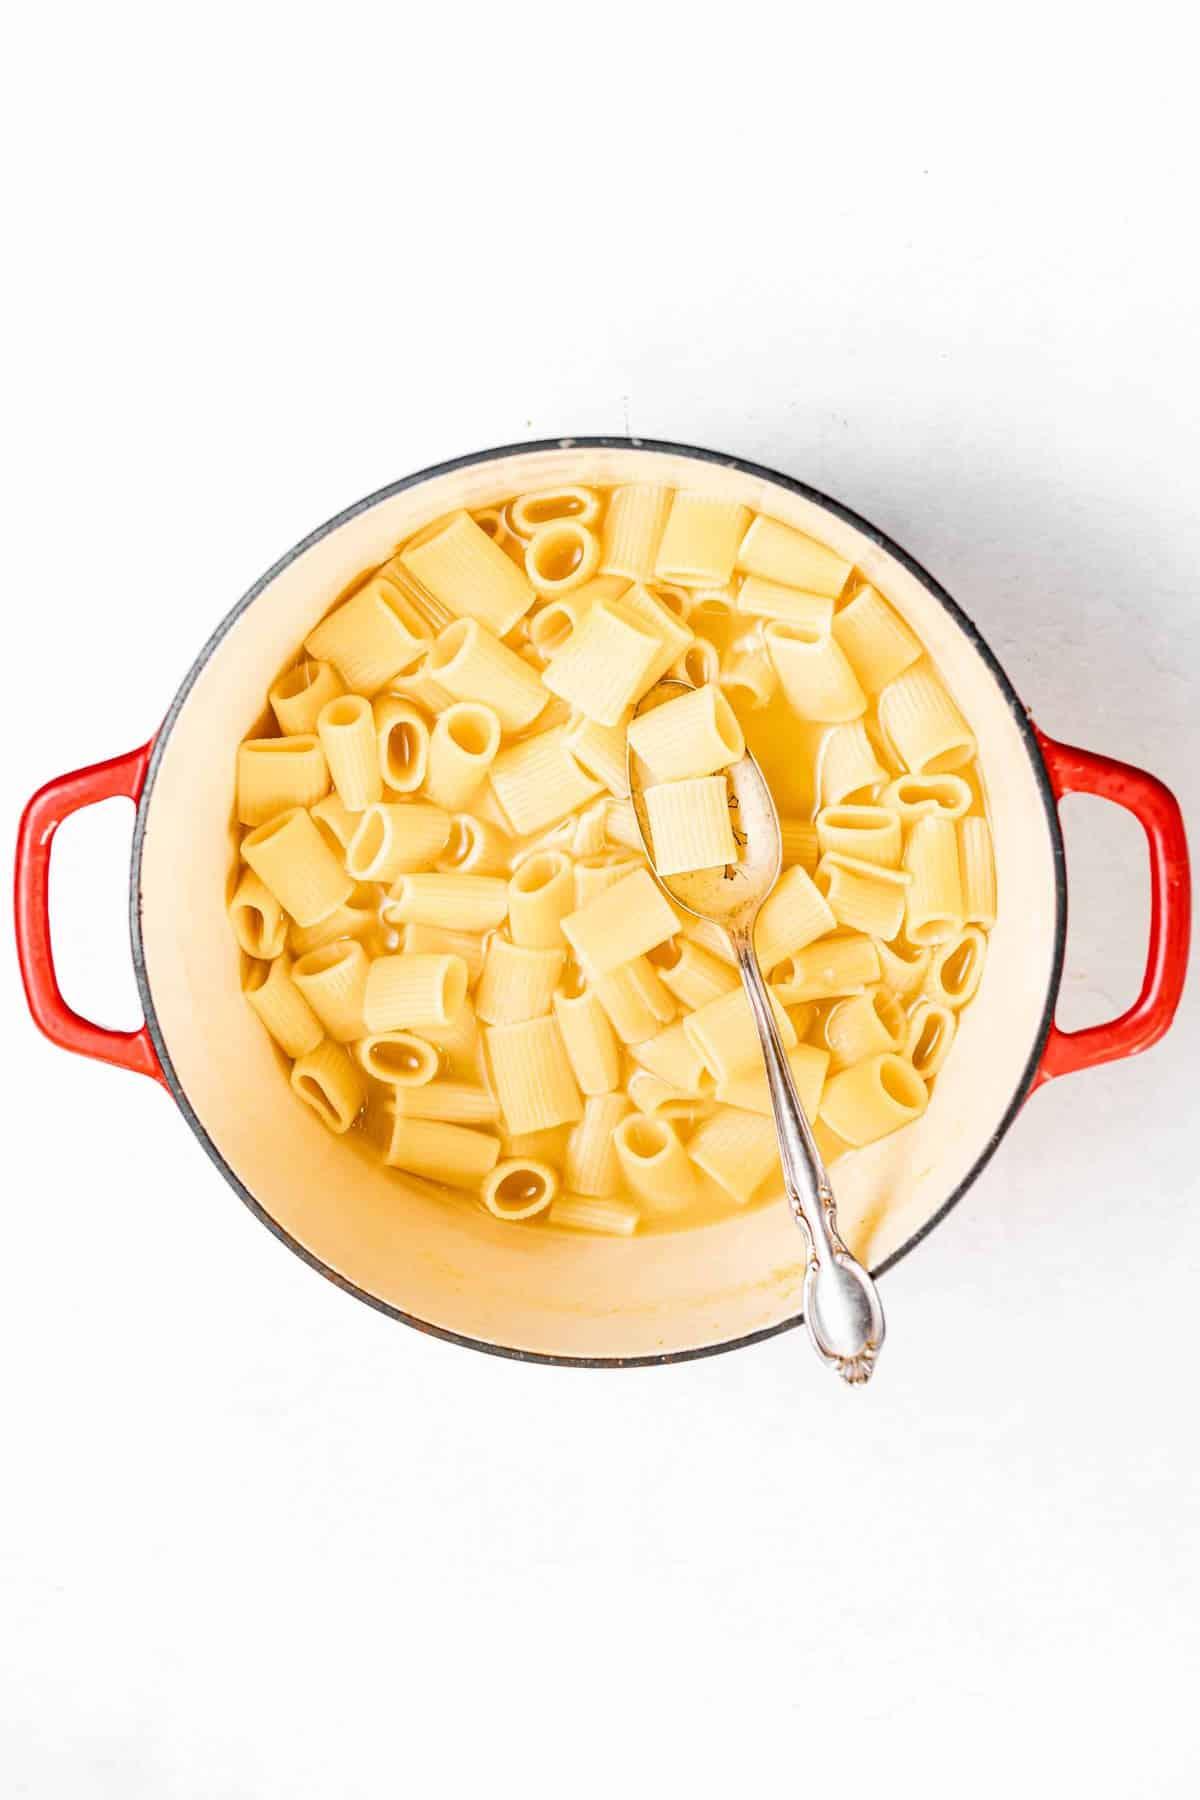 pasta in a pot